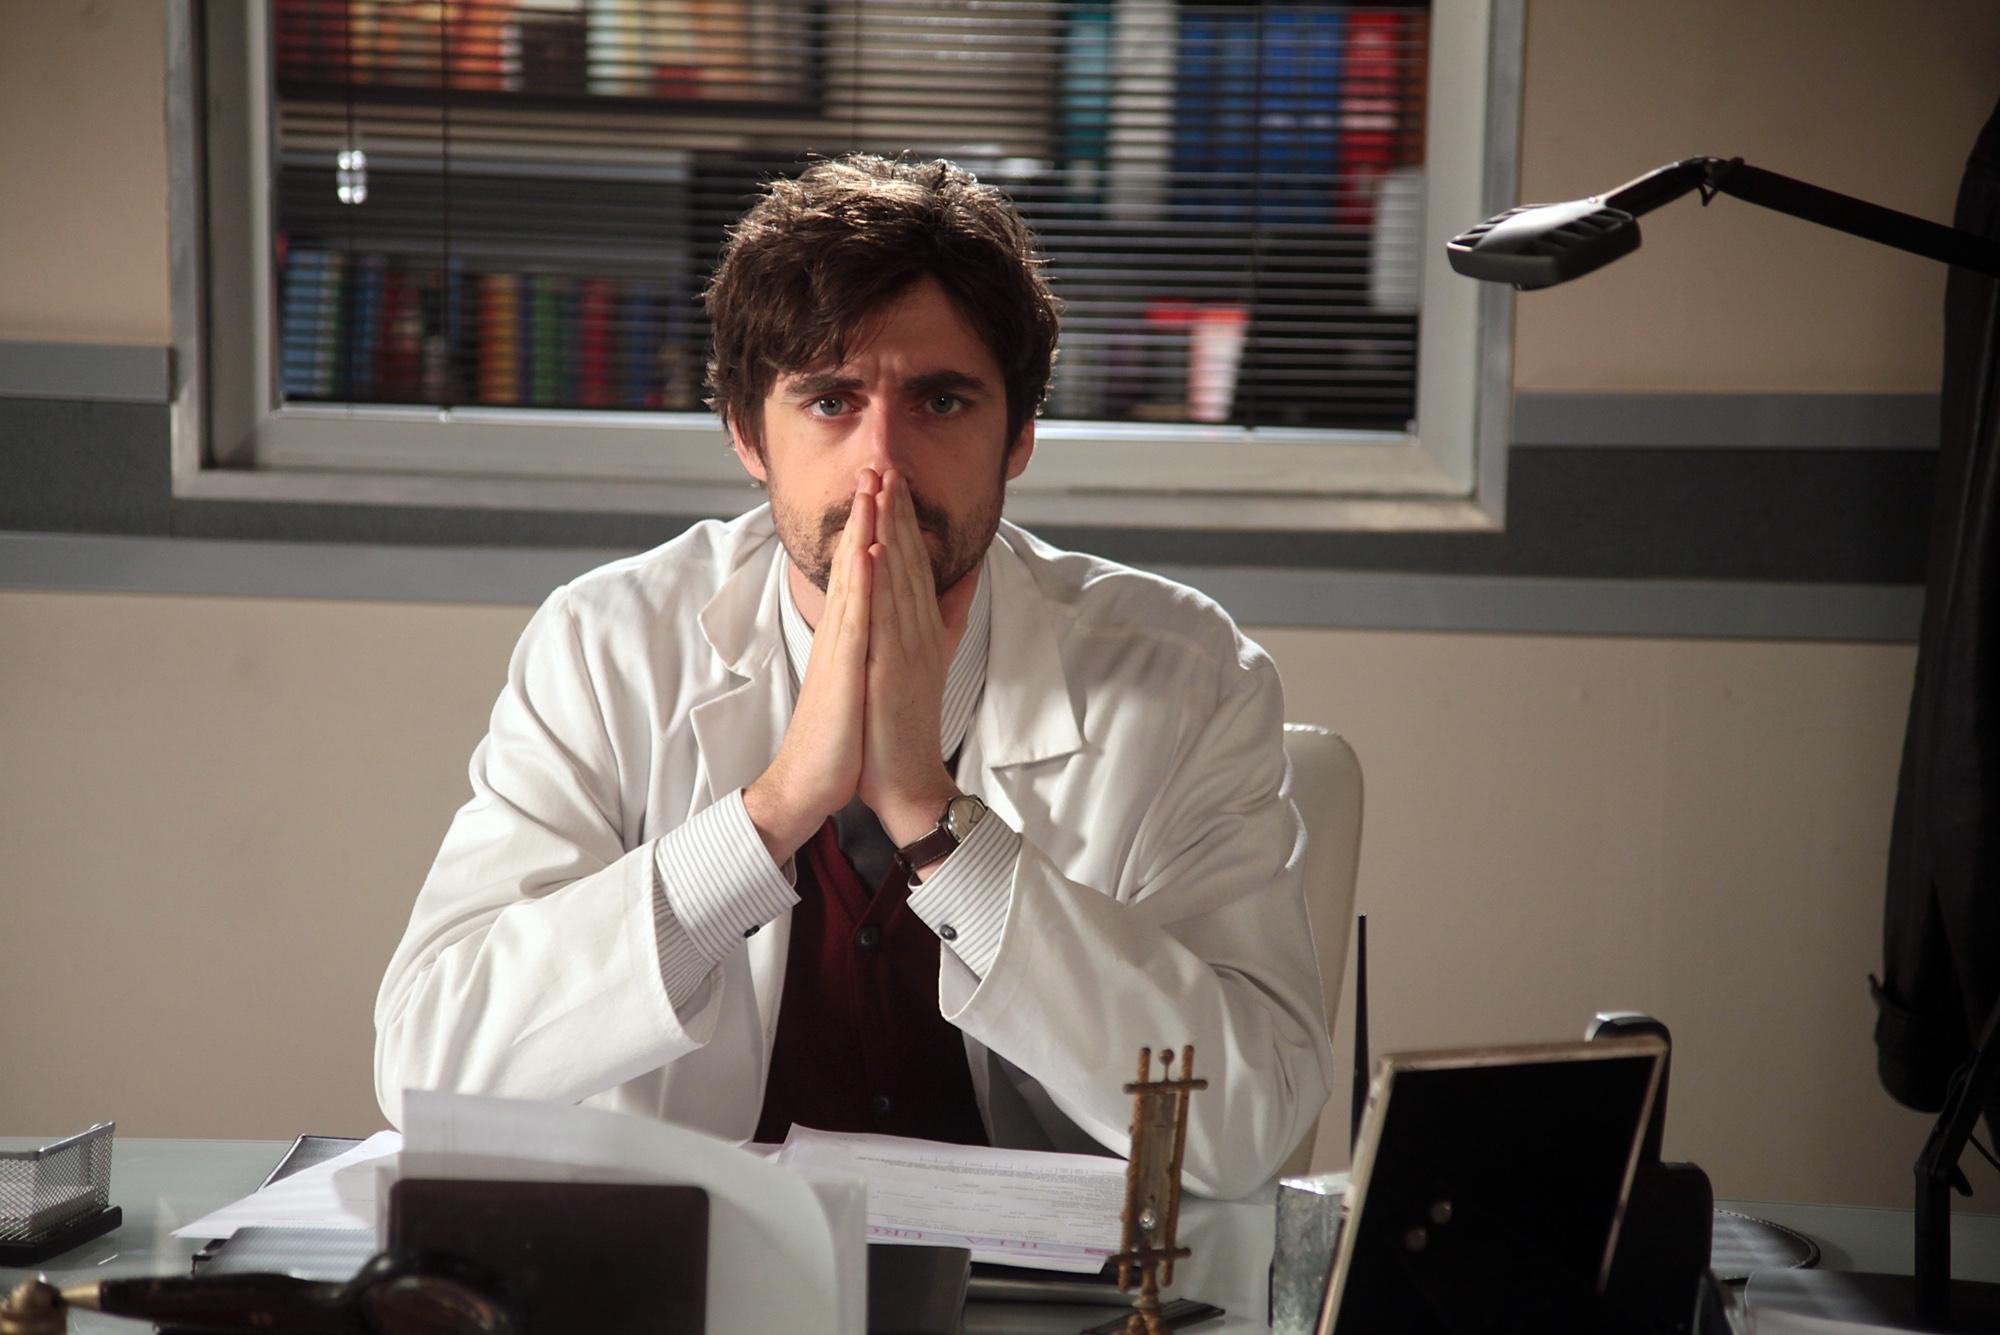 Un medico in famiglia 9: Flavio Parenti nell'episodio tredici